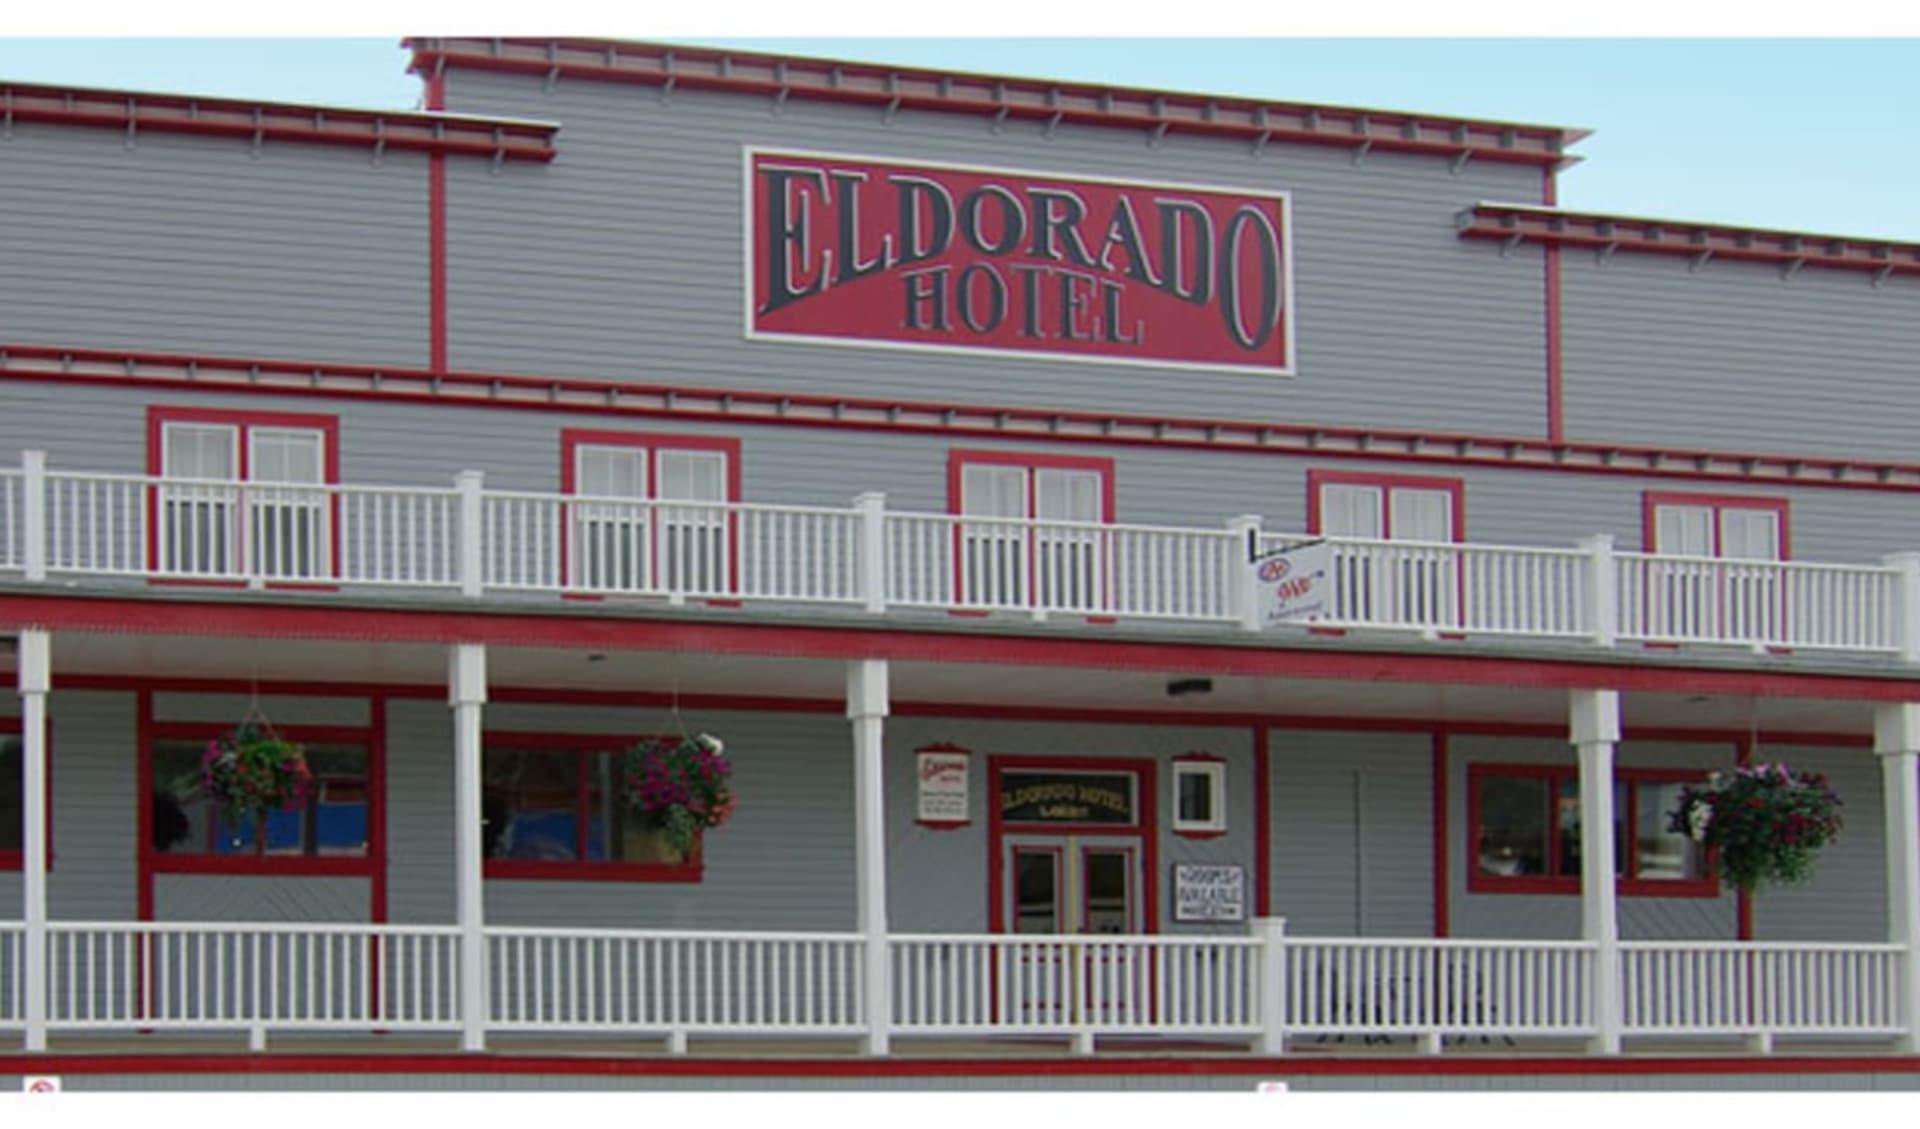 The Eldorado Hotel in Dawson City: eldorado-hotel